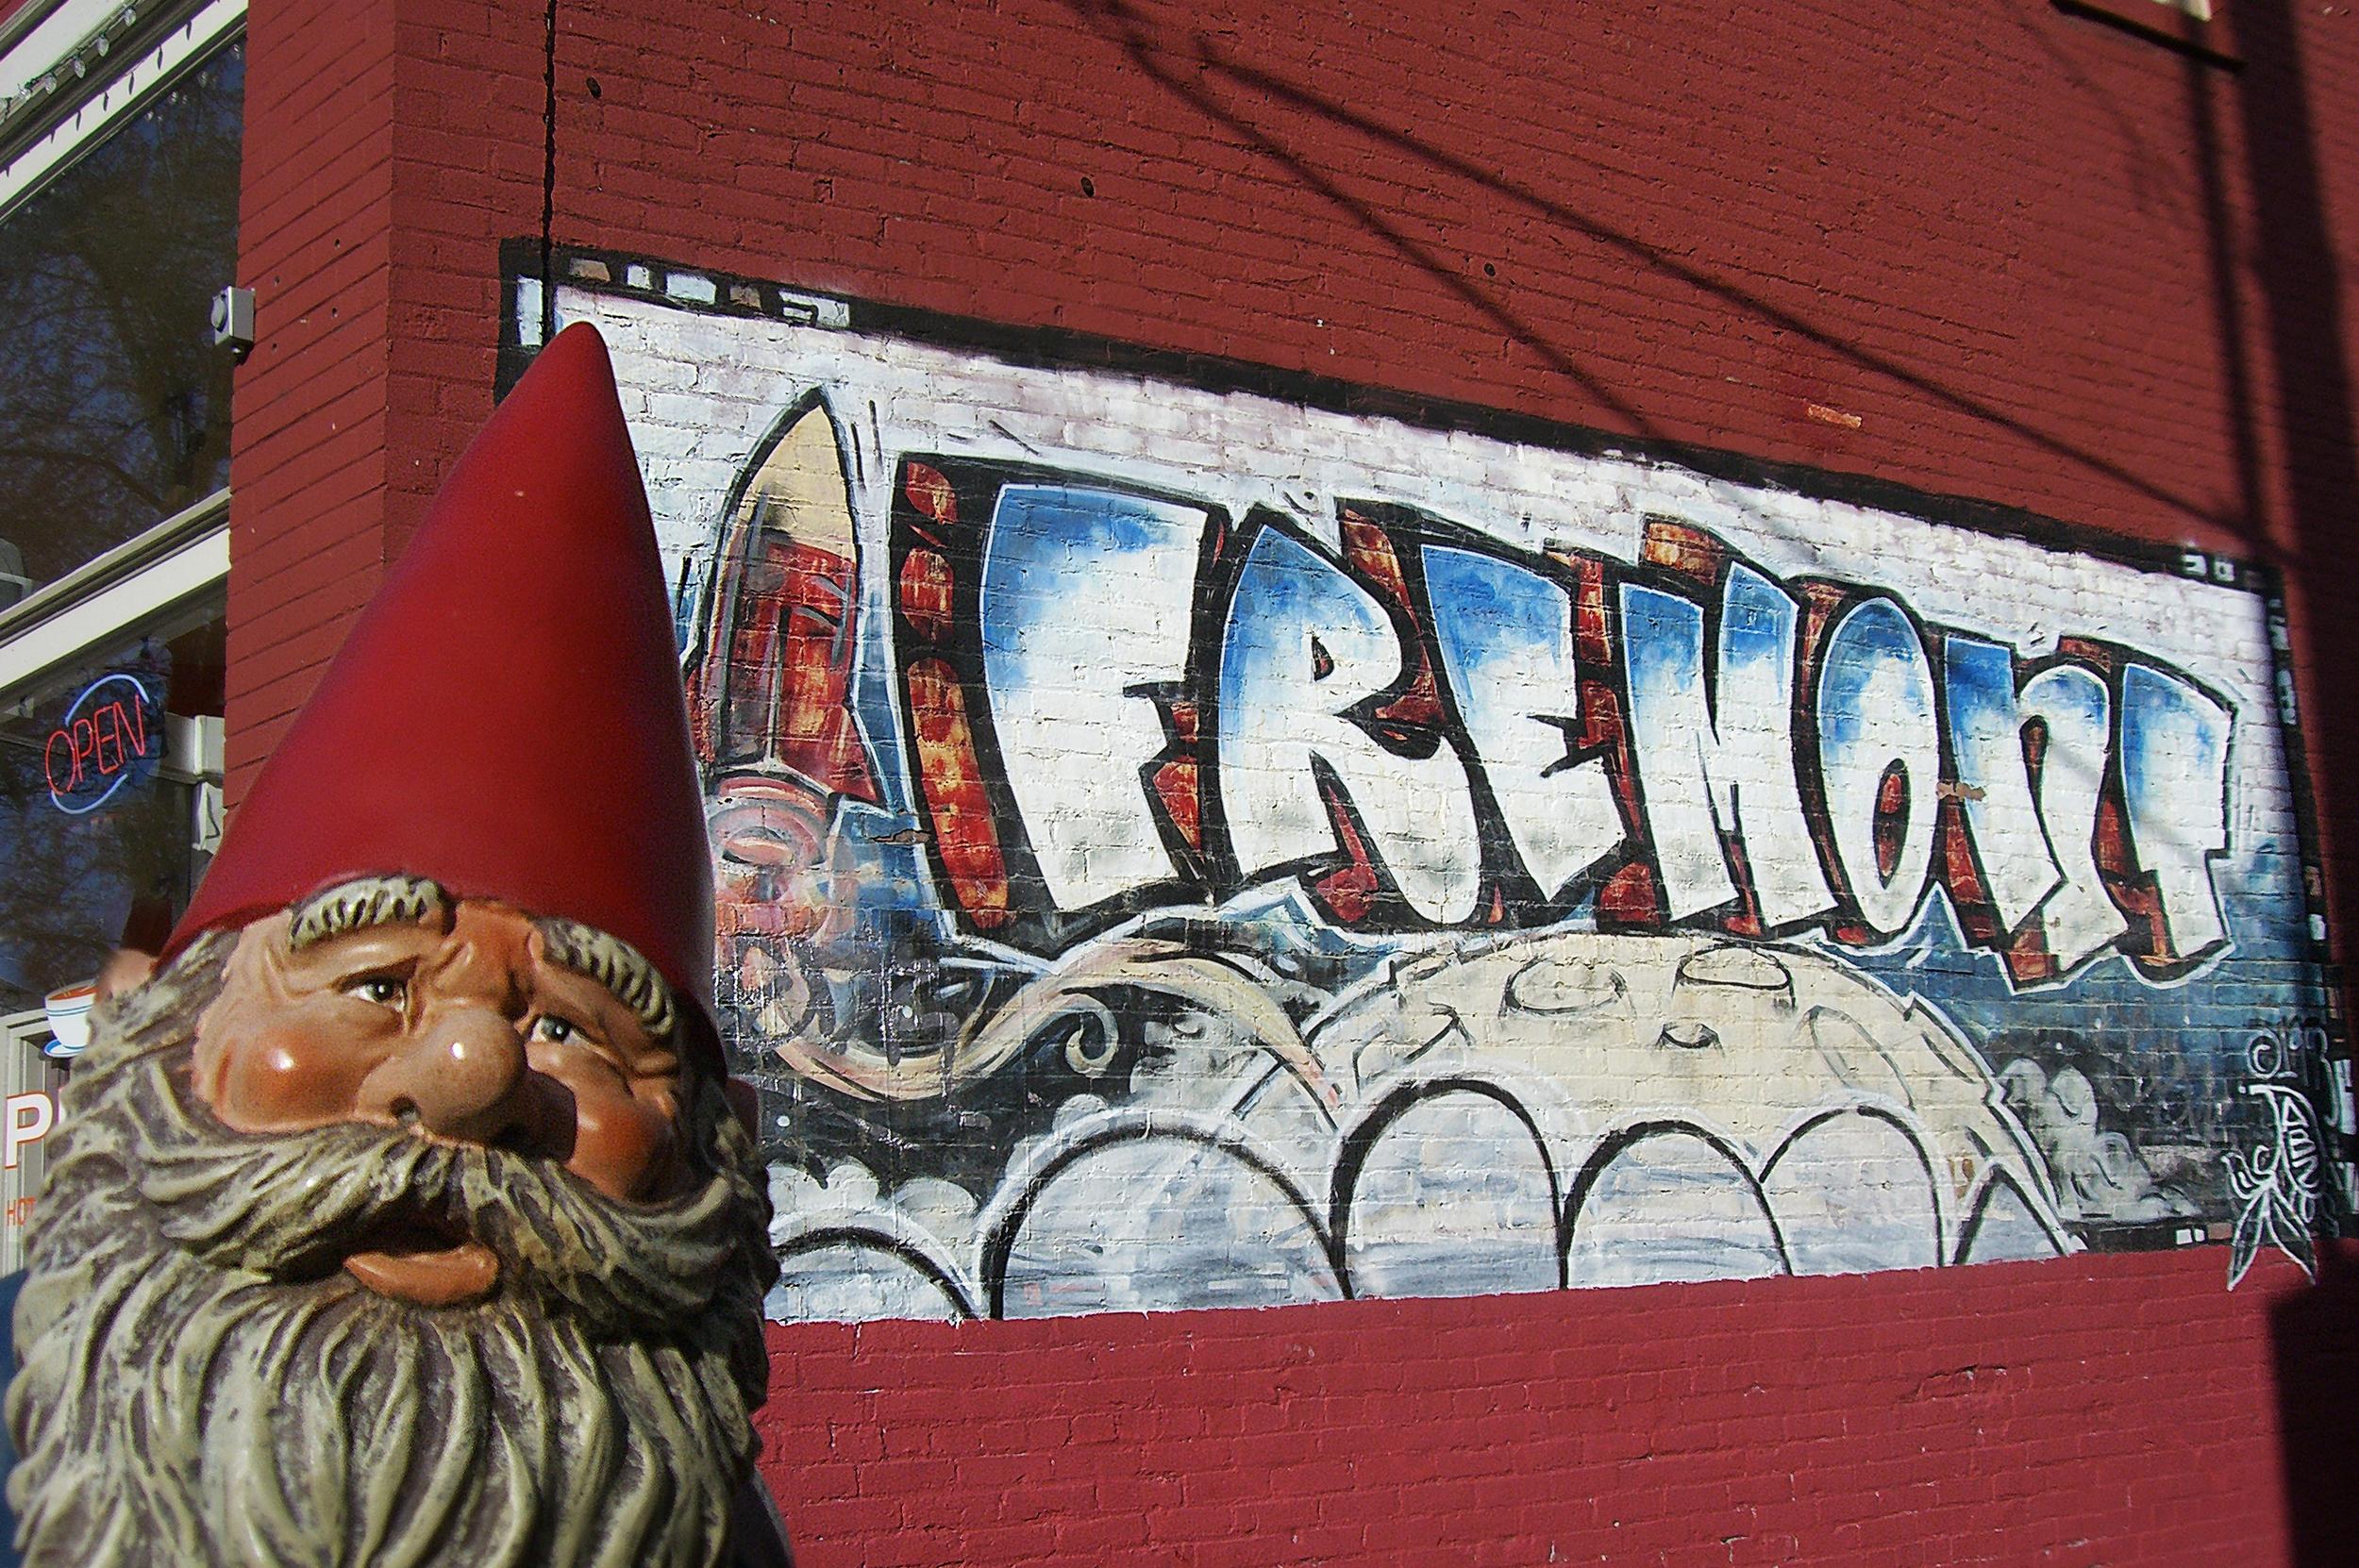 Fremont Graffiti (GRAF)